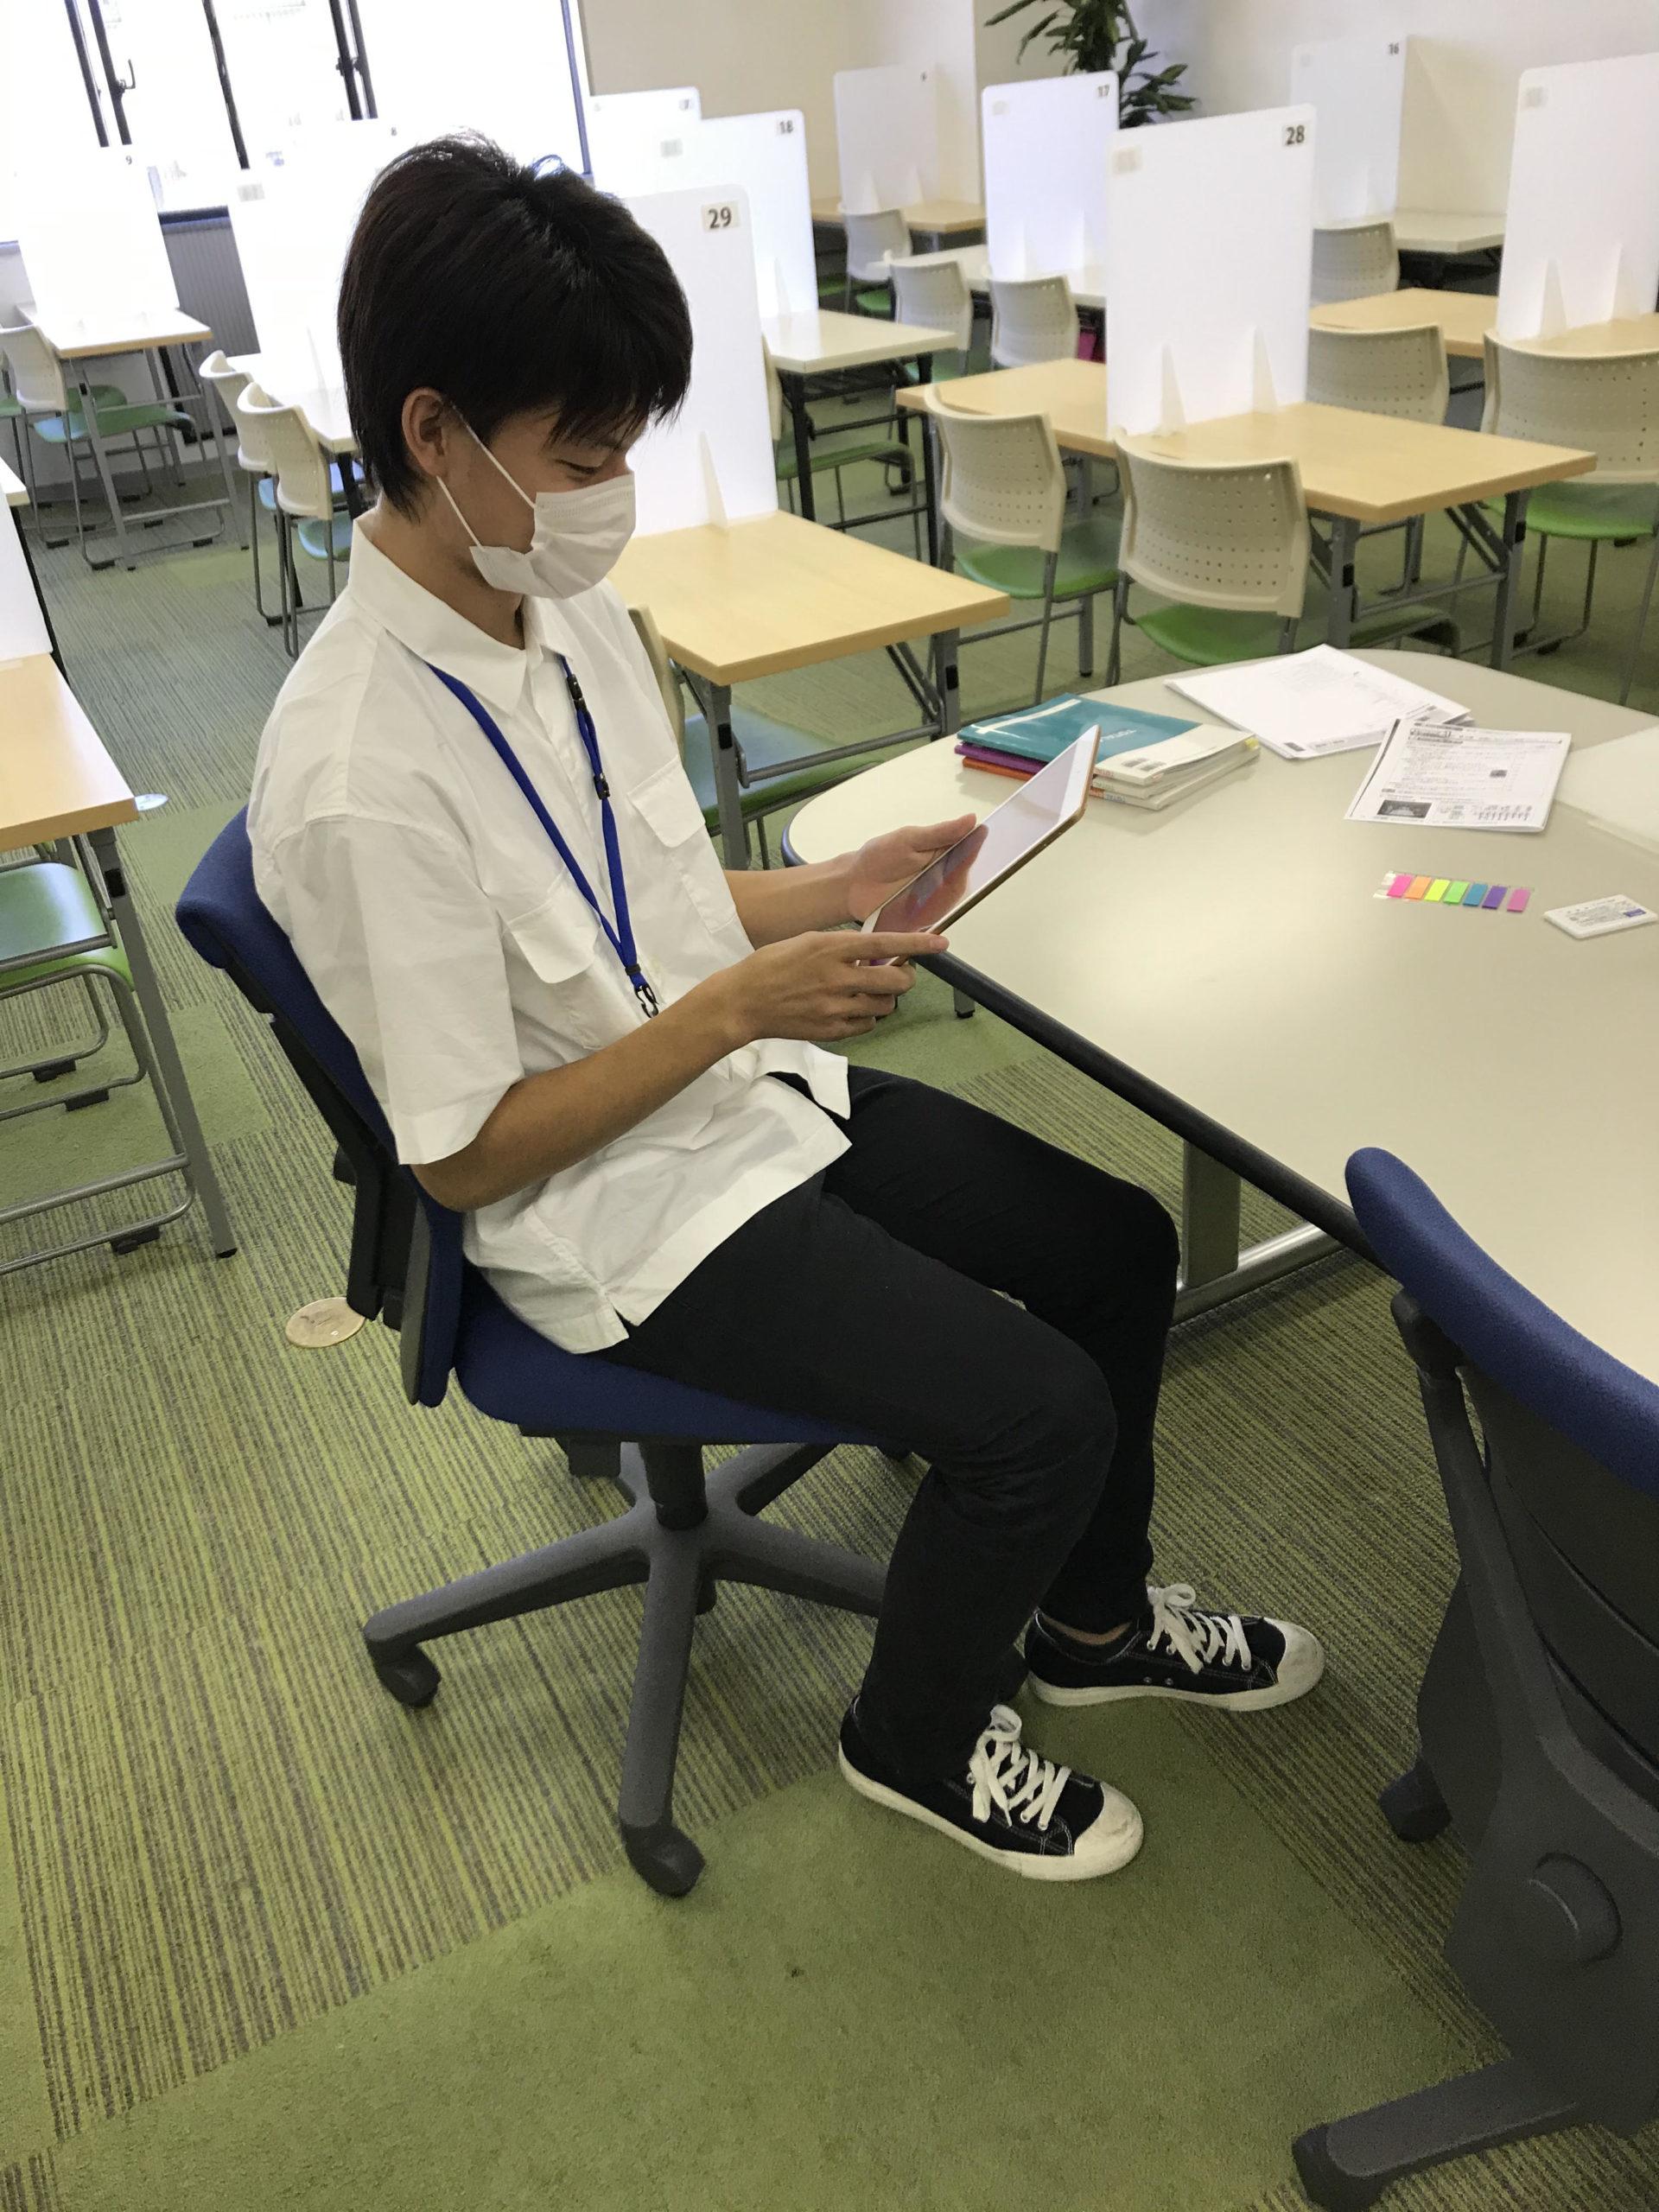 インタビュー③ 11月まで部活をしながら関西学院に合格できた理由